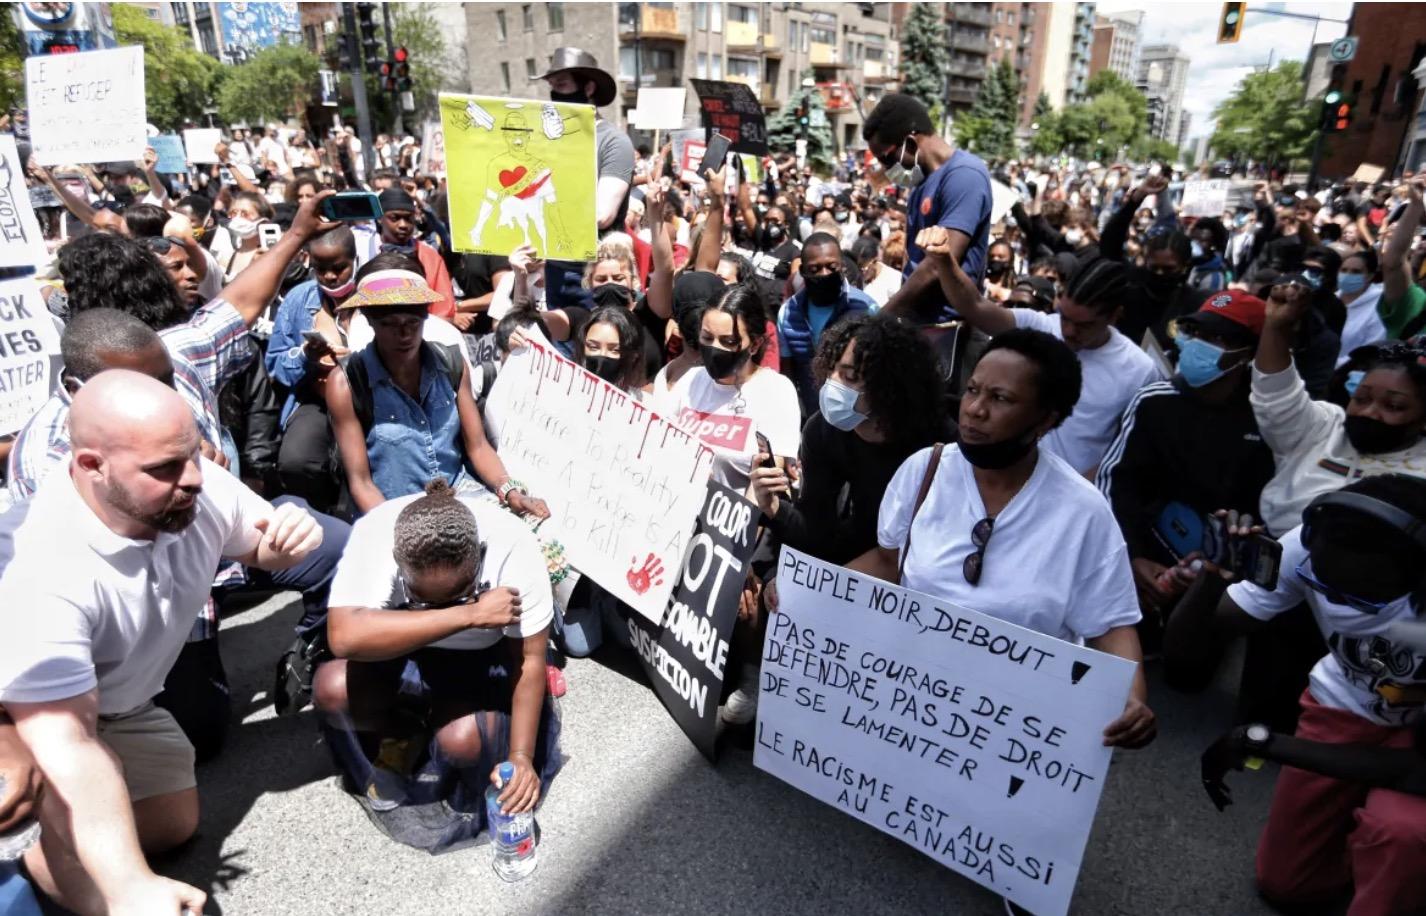 蒙特利尔周日群众大游行反种族歧视与警察暴力